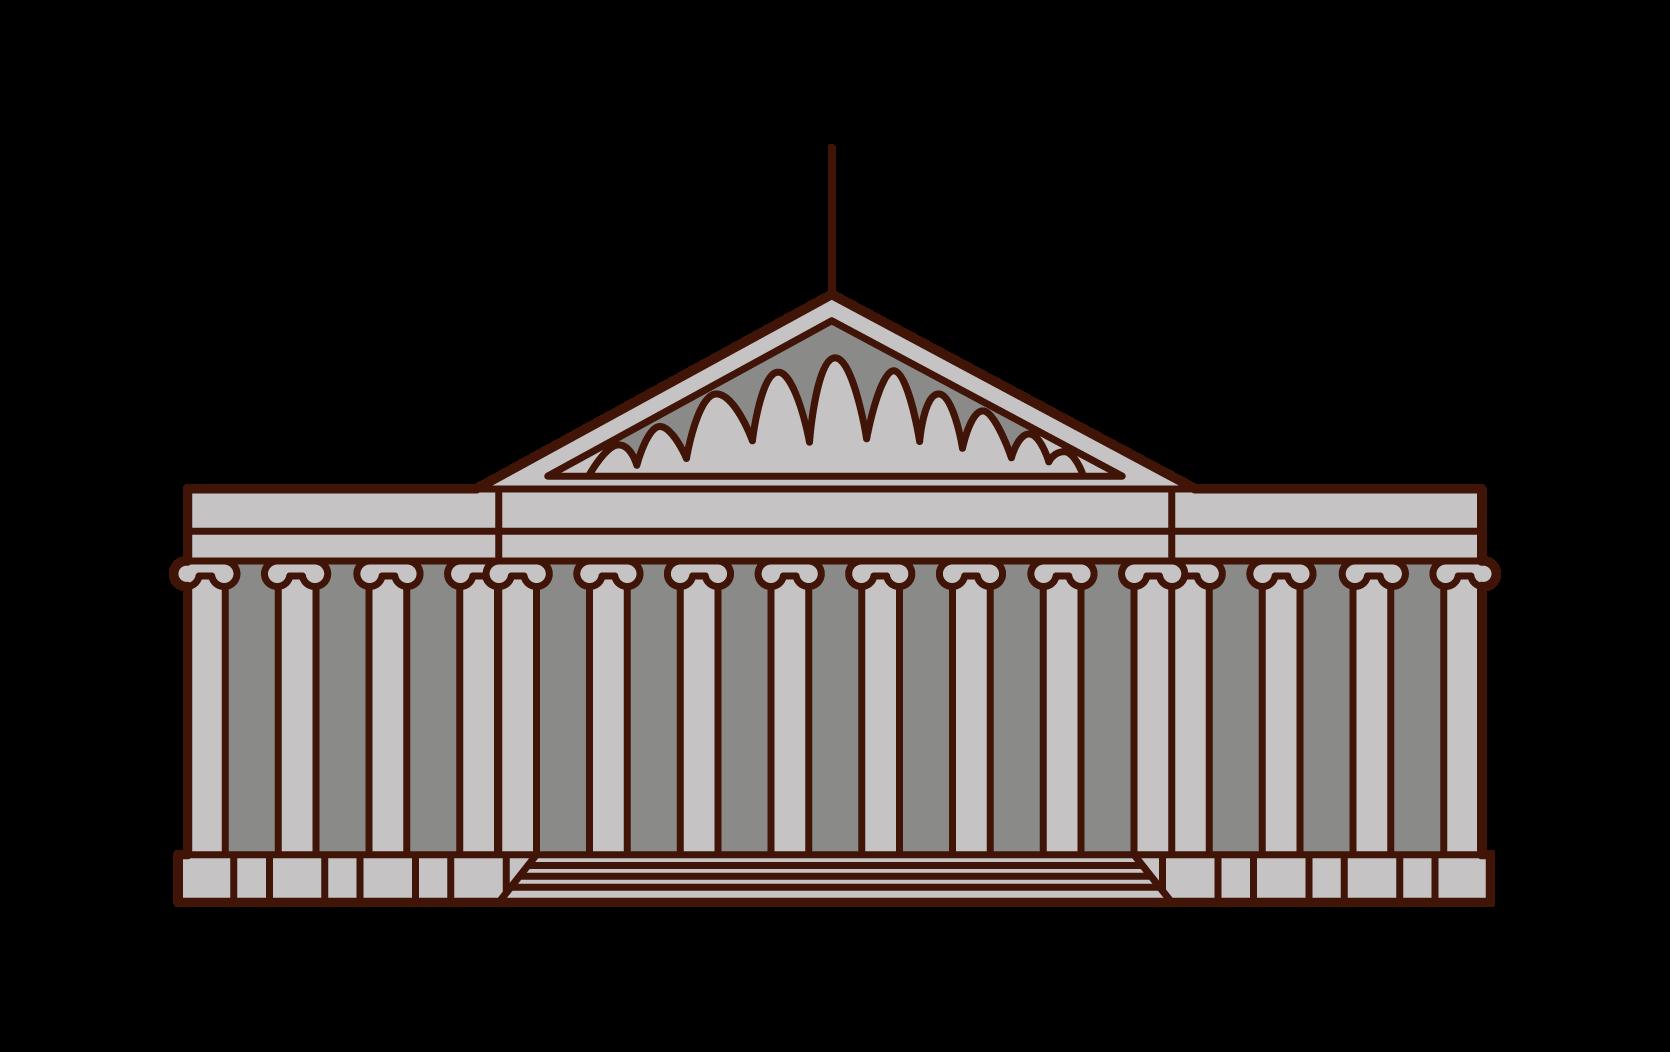 大英博物館のイラスト